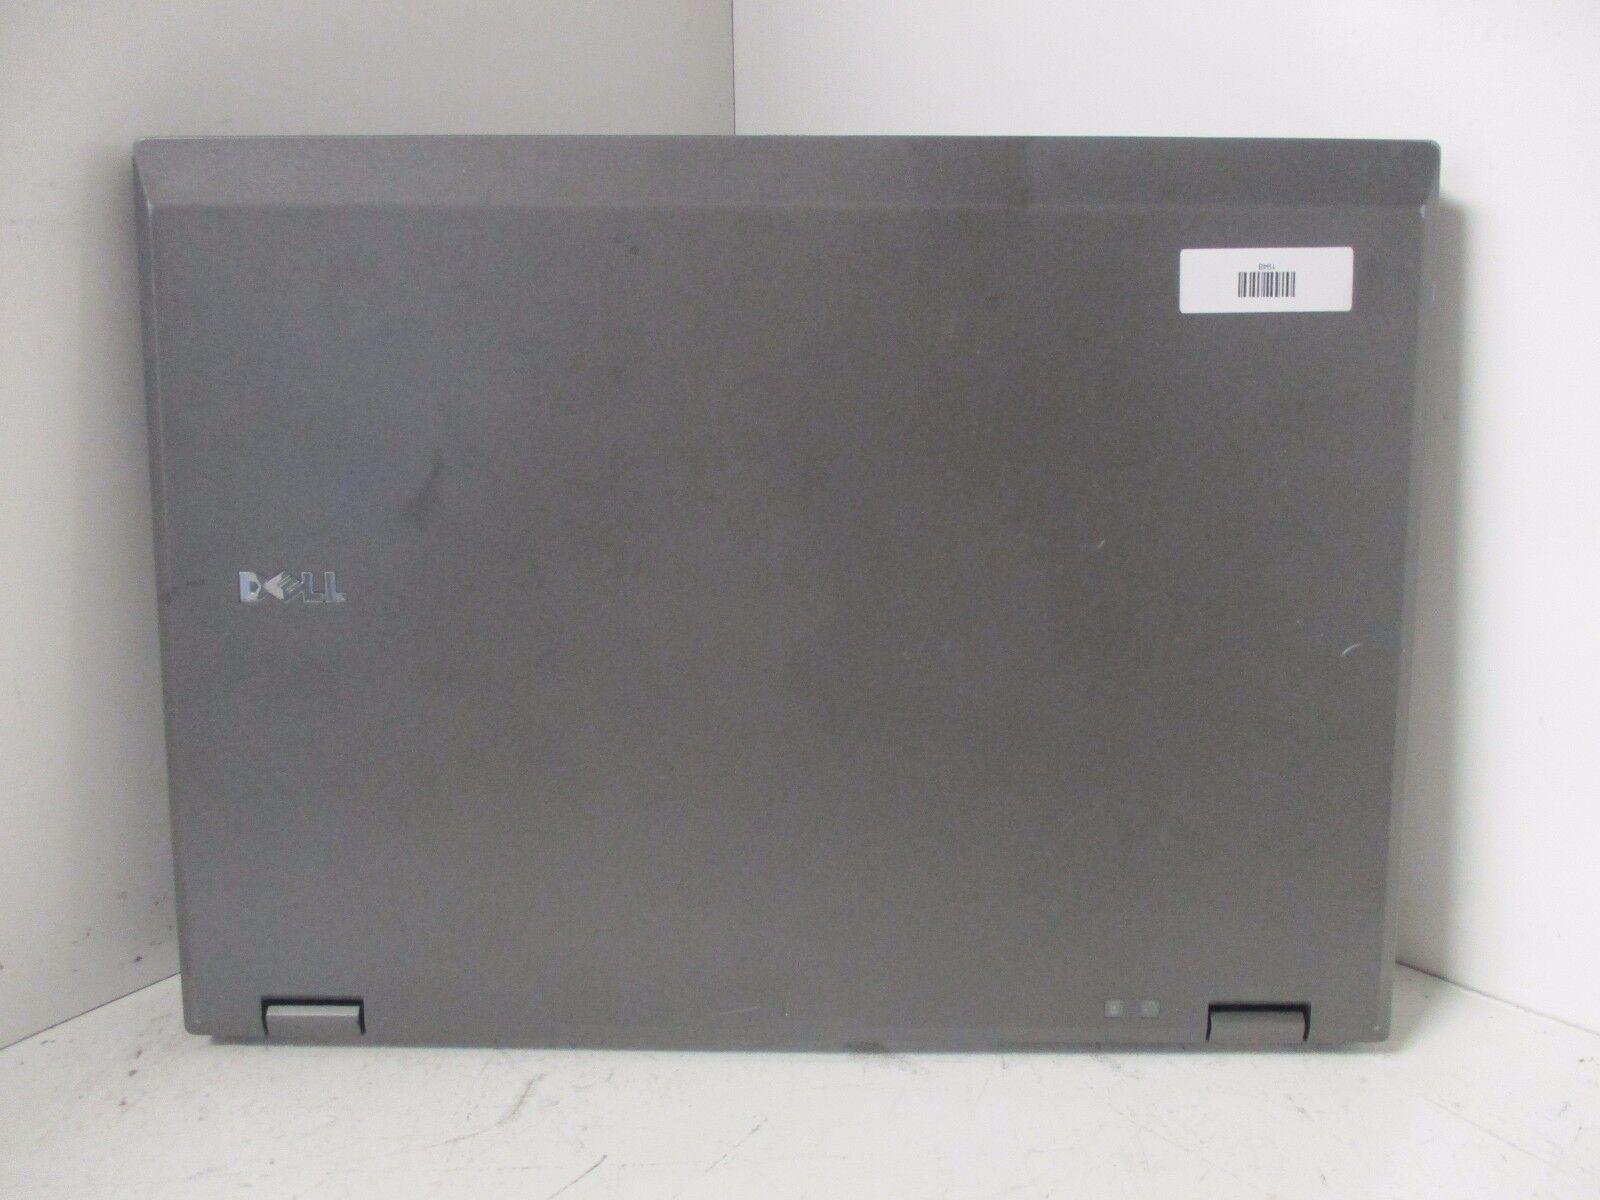 Dell Latitude E5410 i5(M520) 2.40GHz 2GB DDR3 (1948)